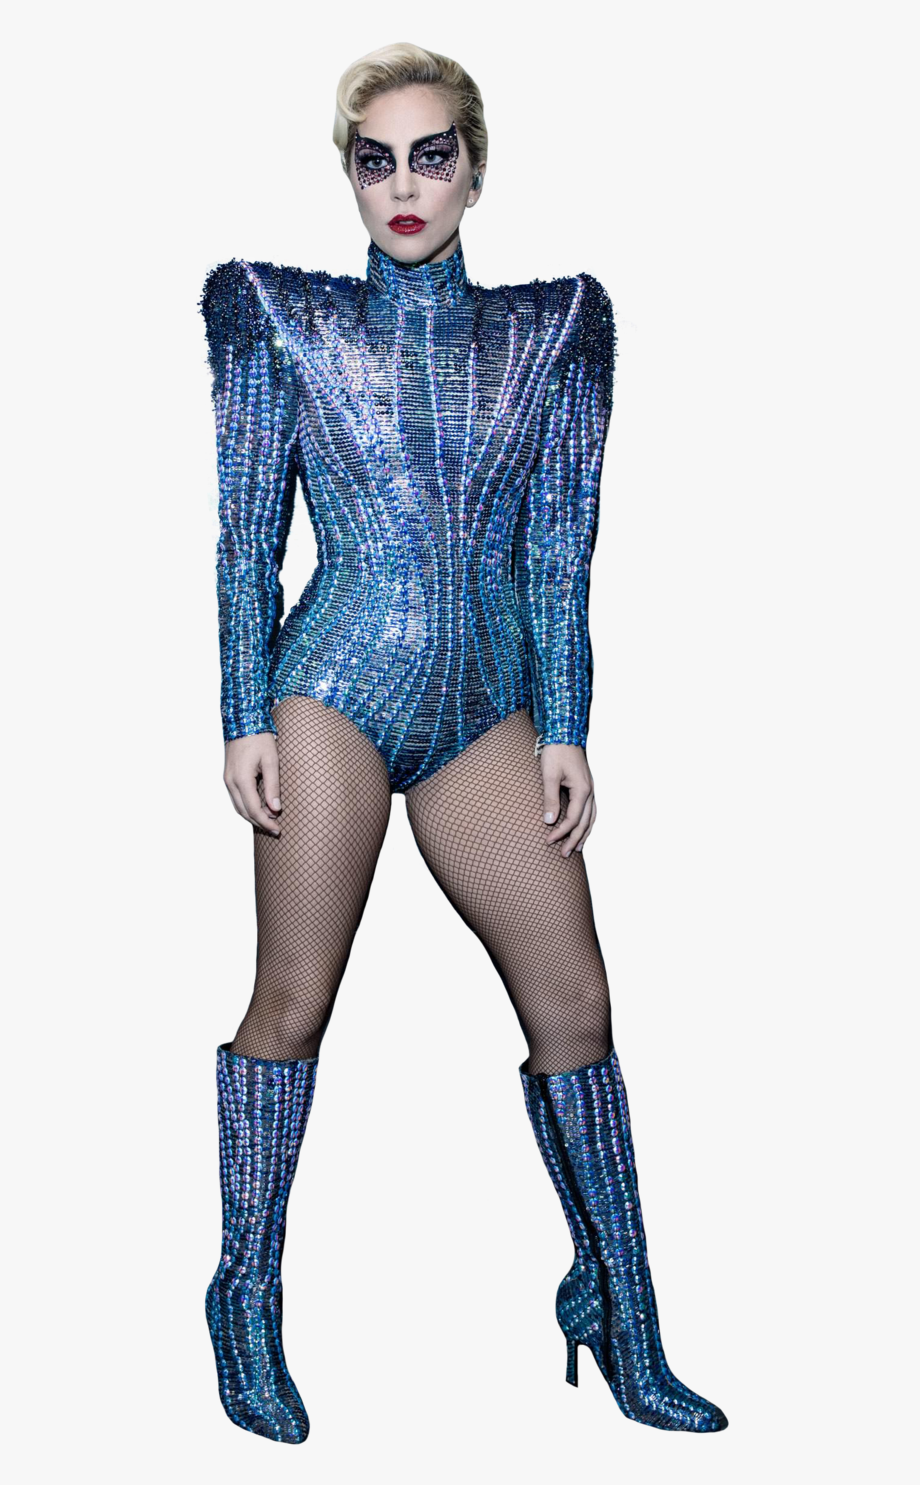 Lady Gaga Png By Maarcopngs P.